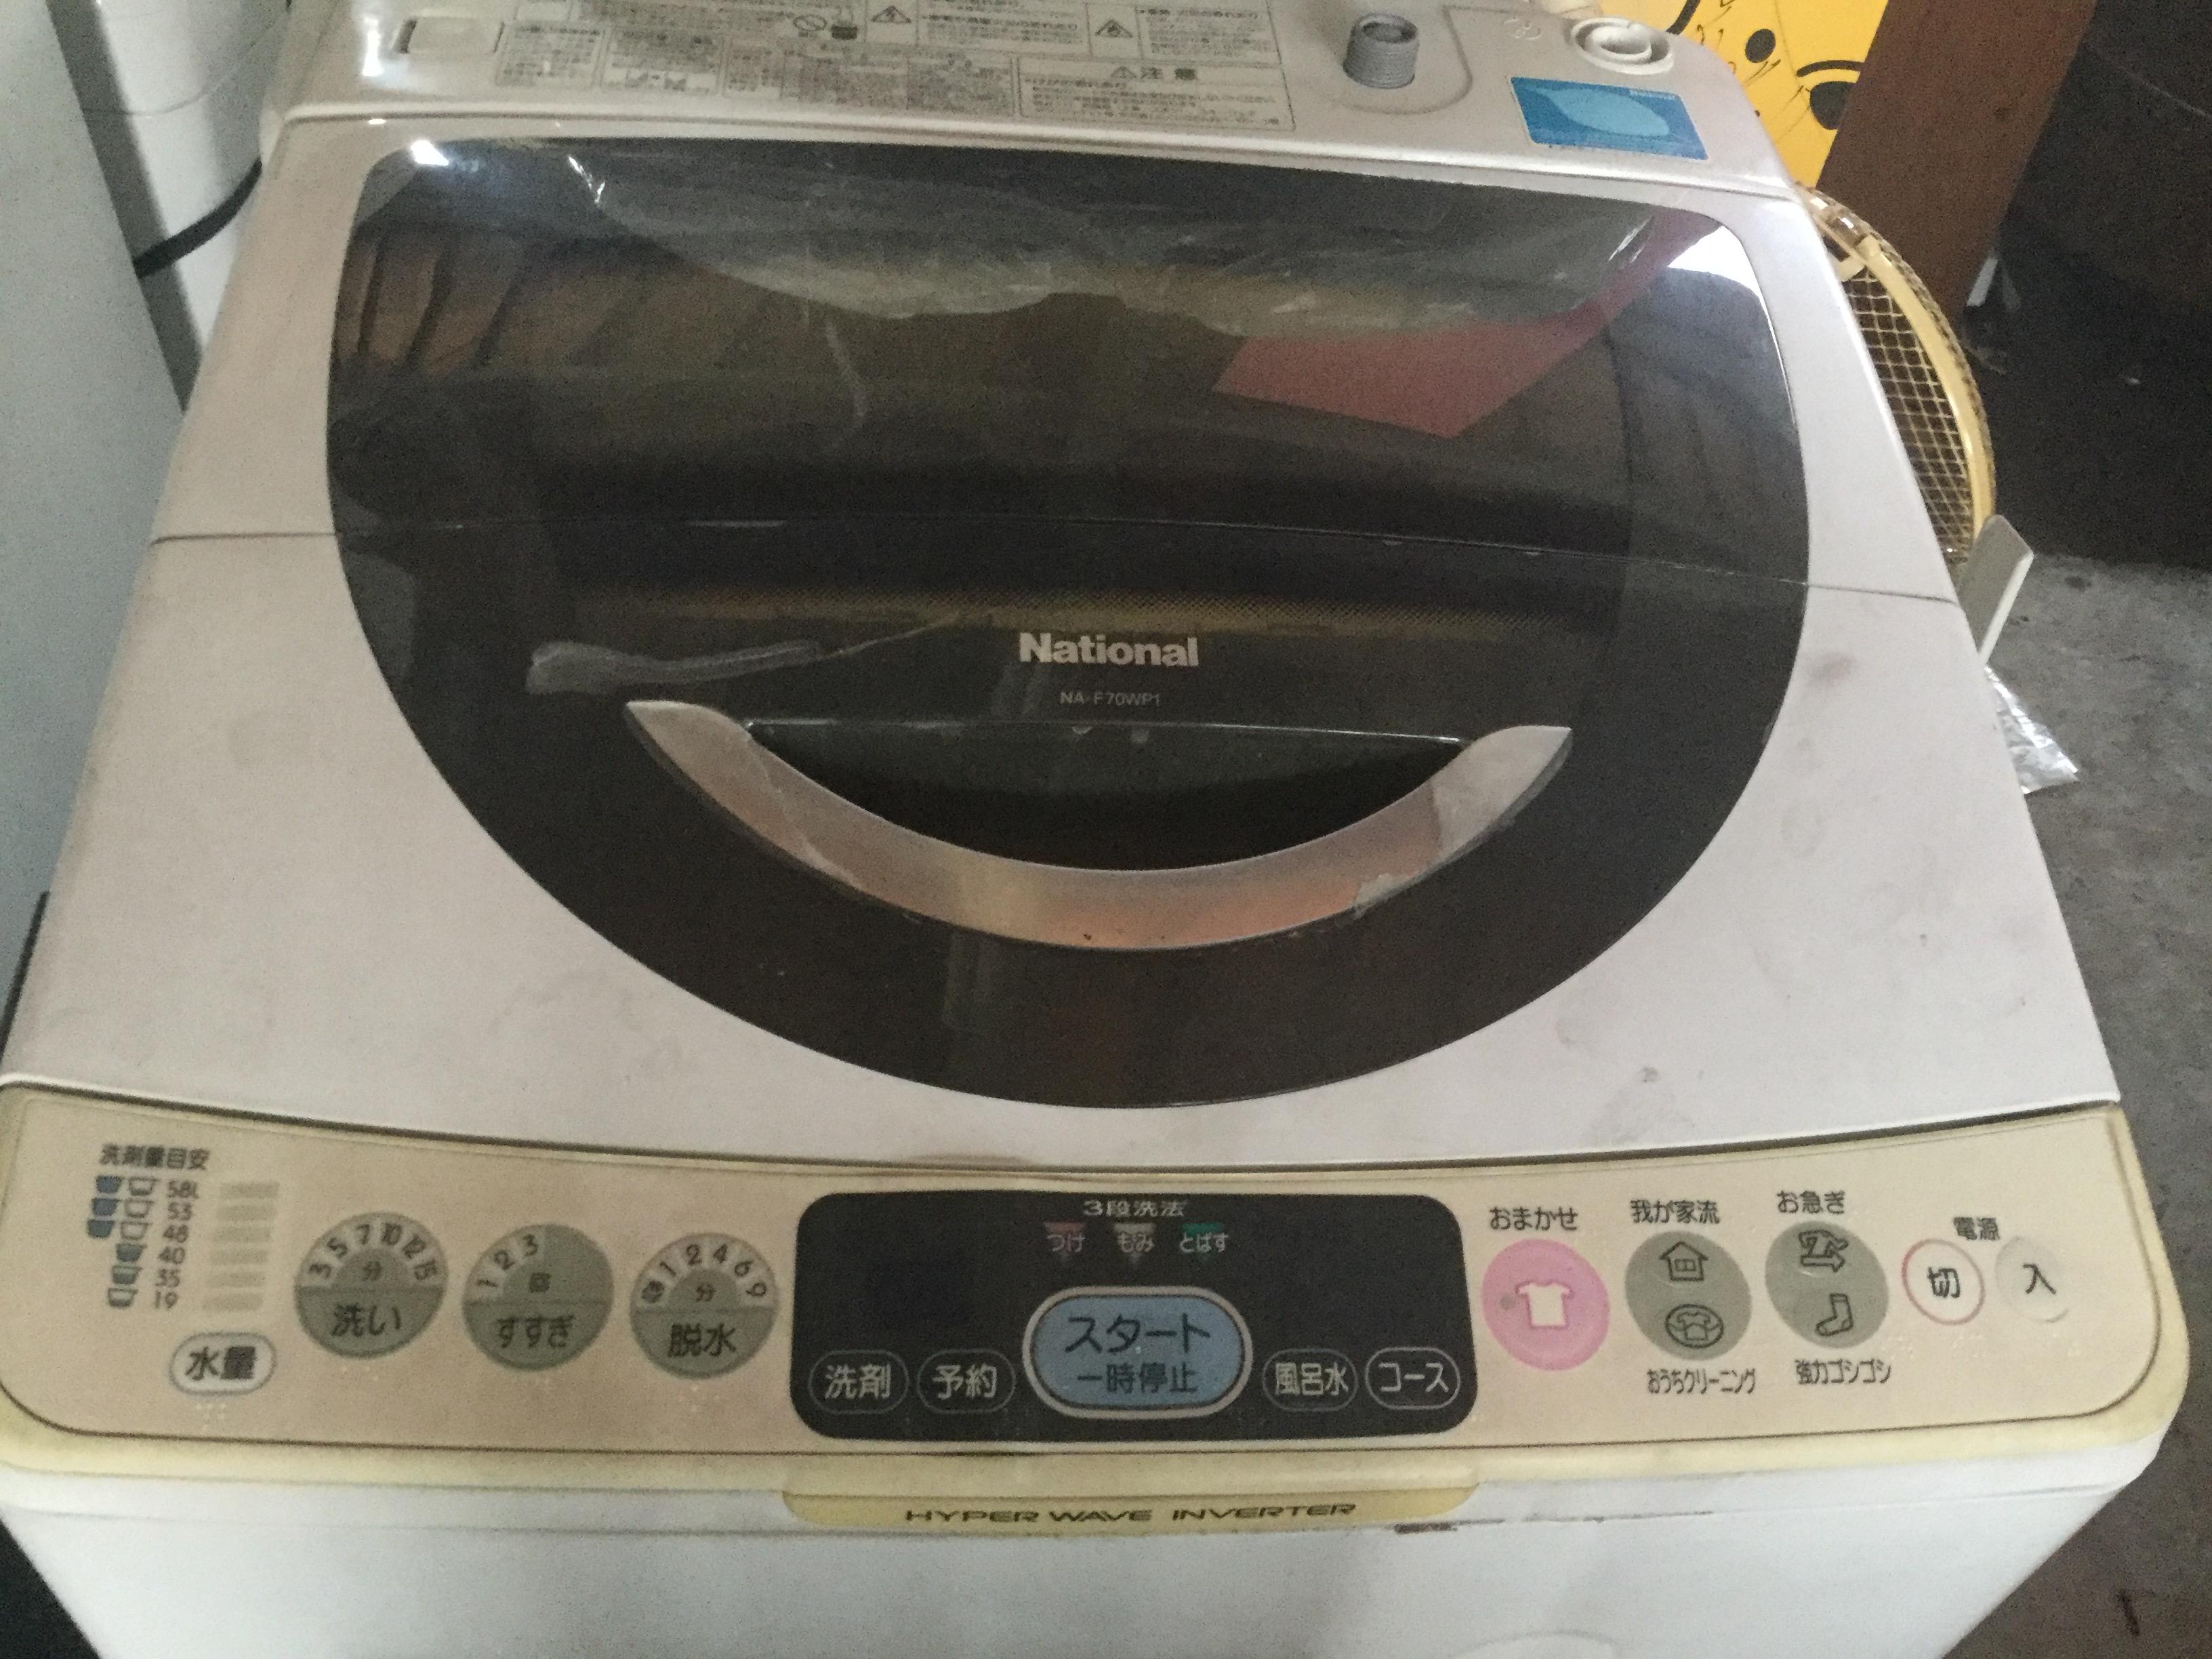 岡山県玉野市玉原付近で回収した不用品の洗濯機です。